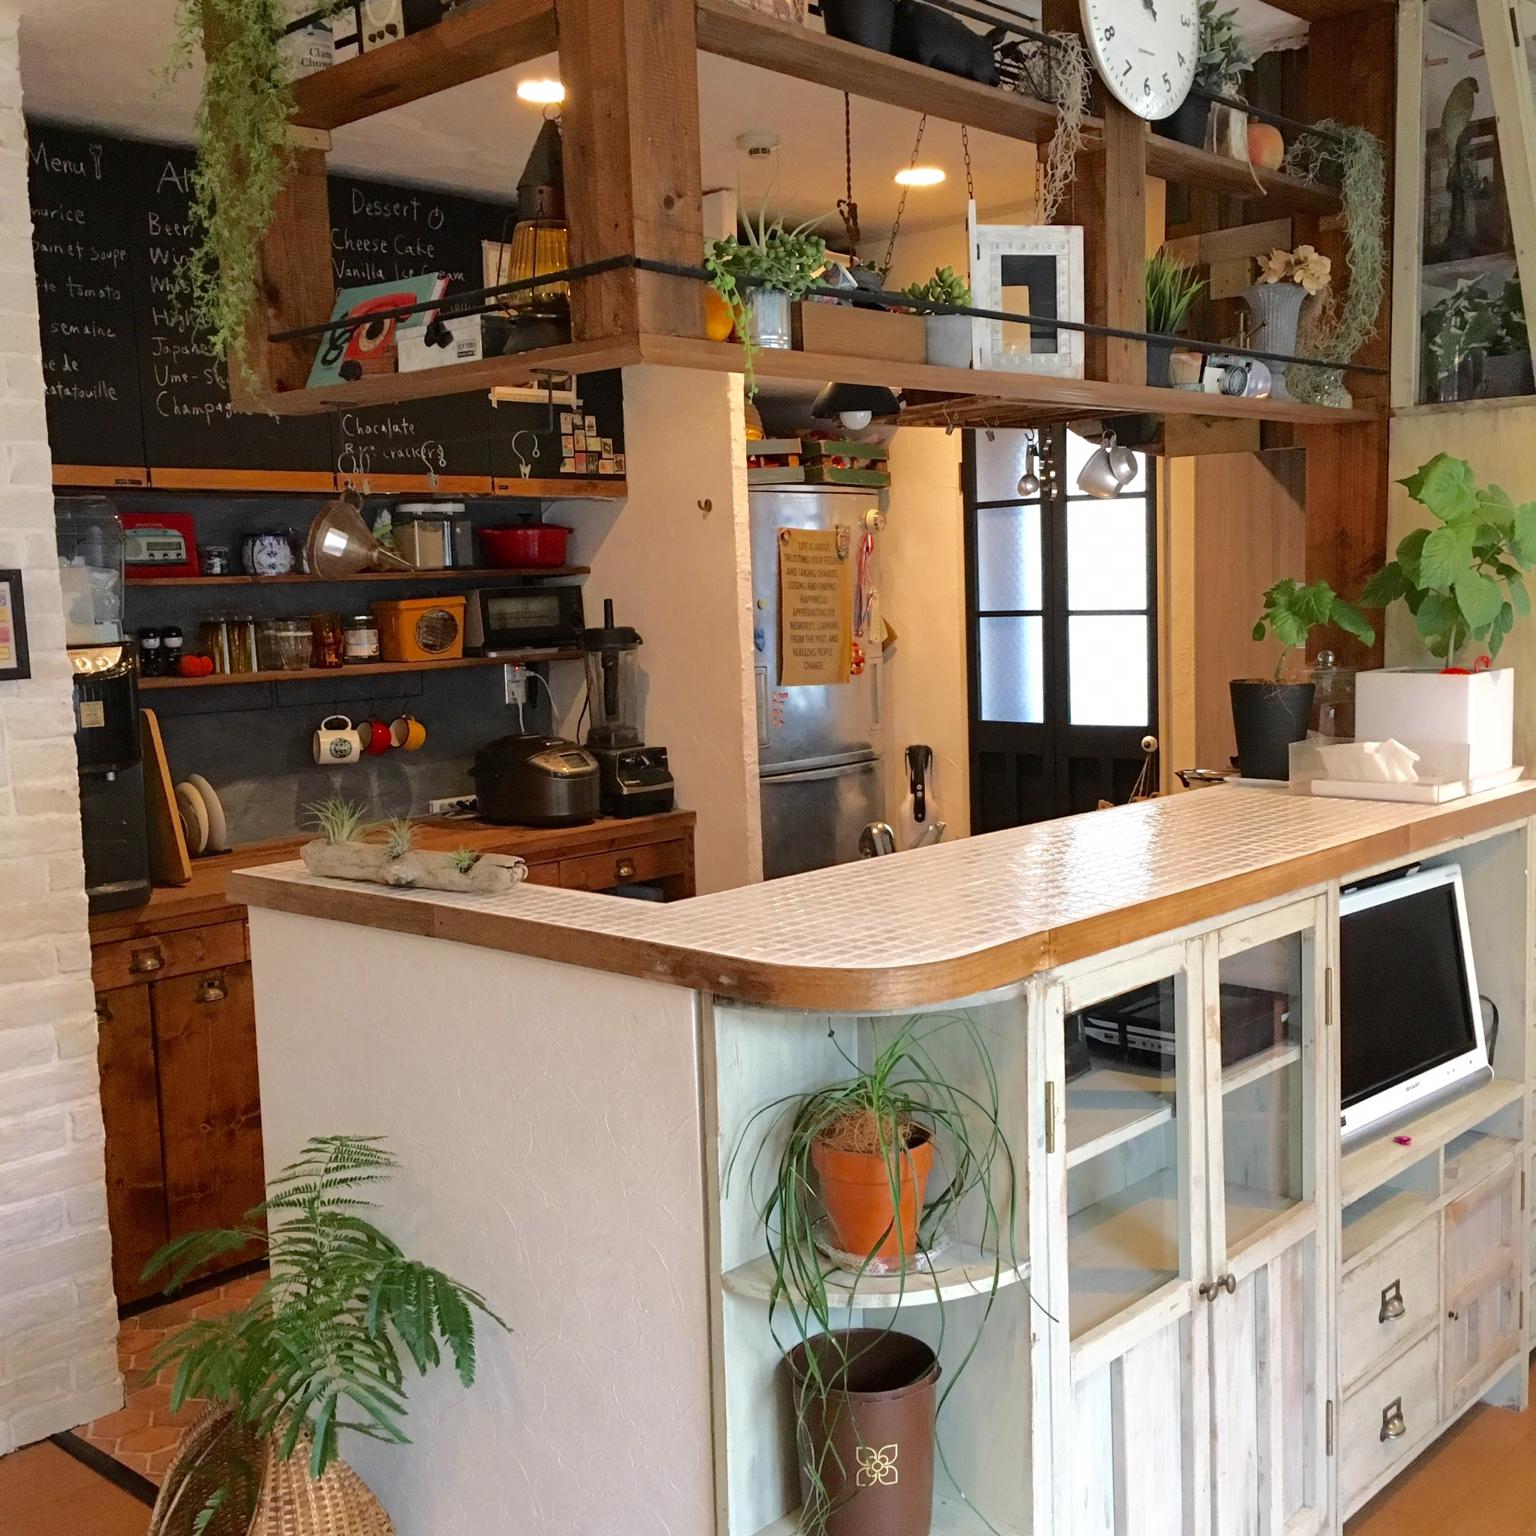 スッキリ収納☆カウンター下収納をdiyしてキッチンを使いやすく♪のサムネイル画像